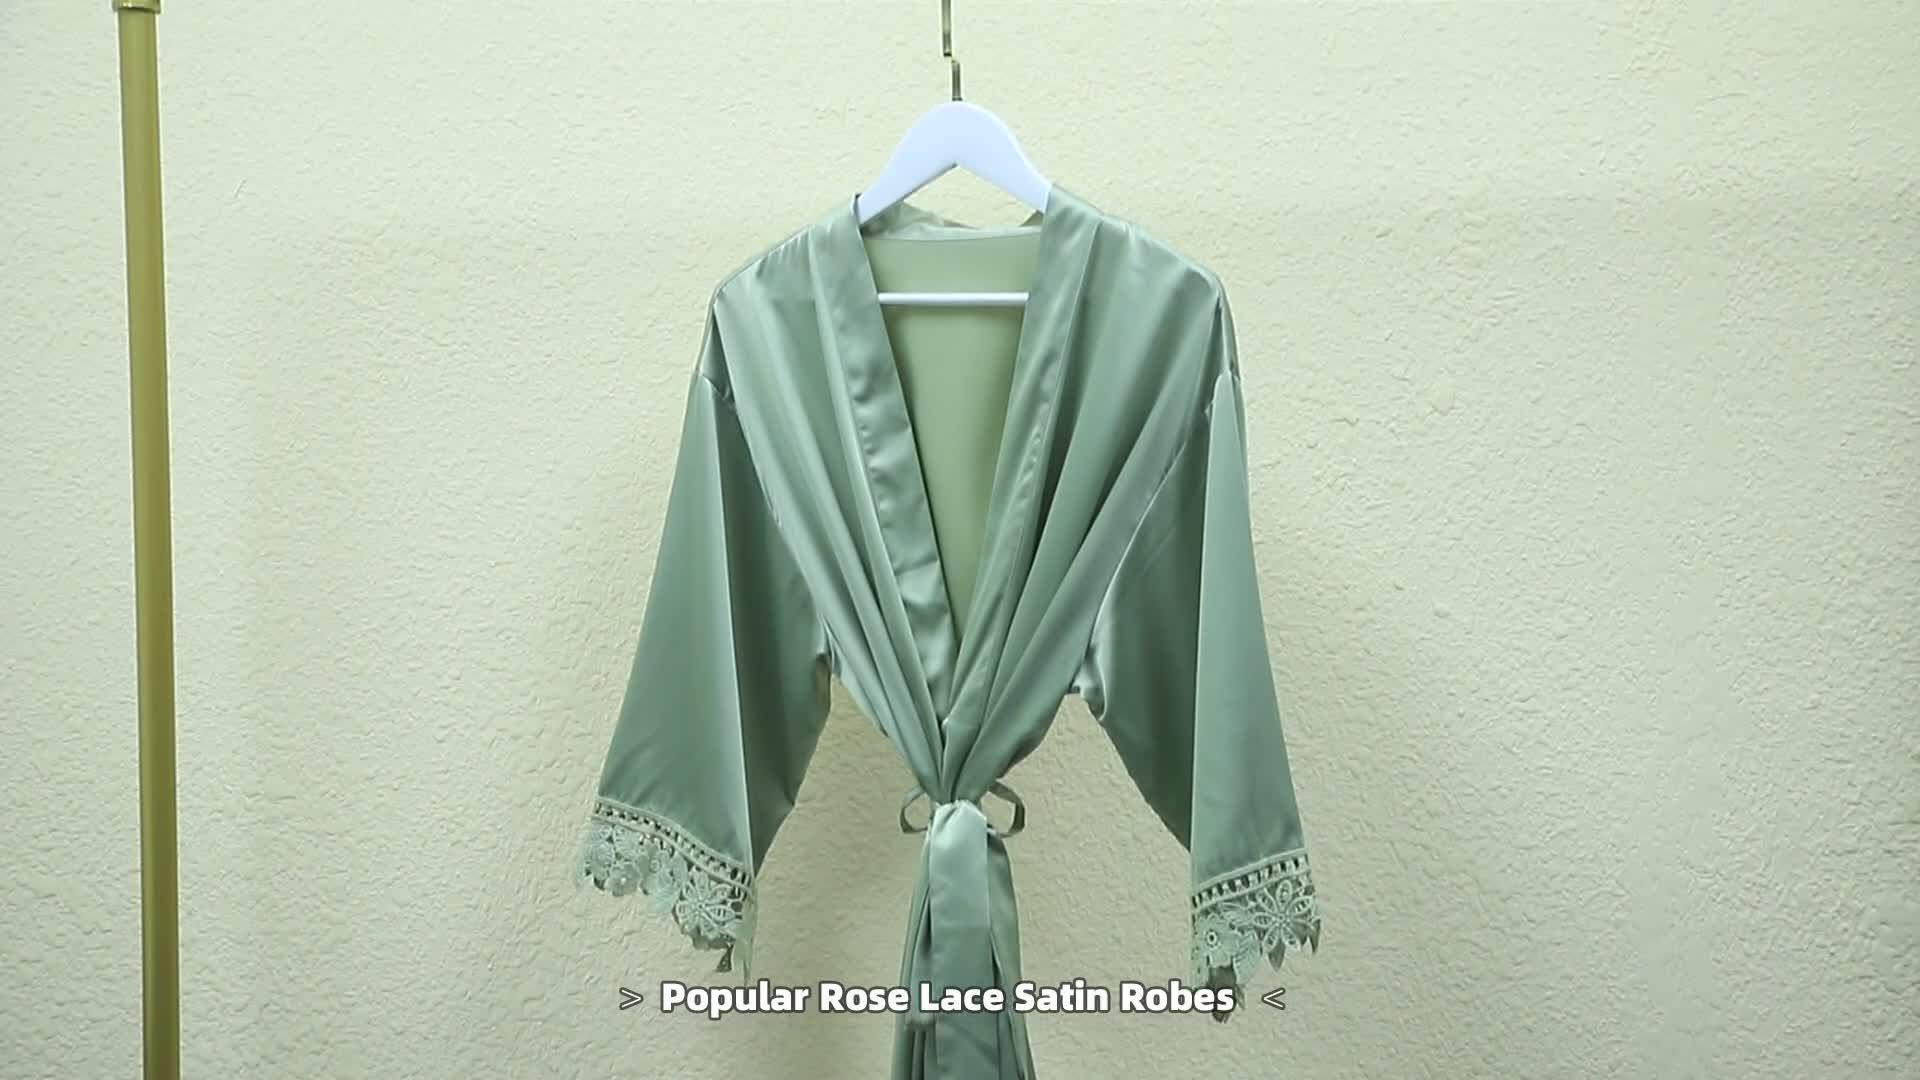 FUNG 3031 специальный золотой ночной халат невесты длиной до колена Свадебные платья